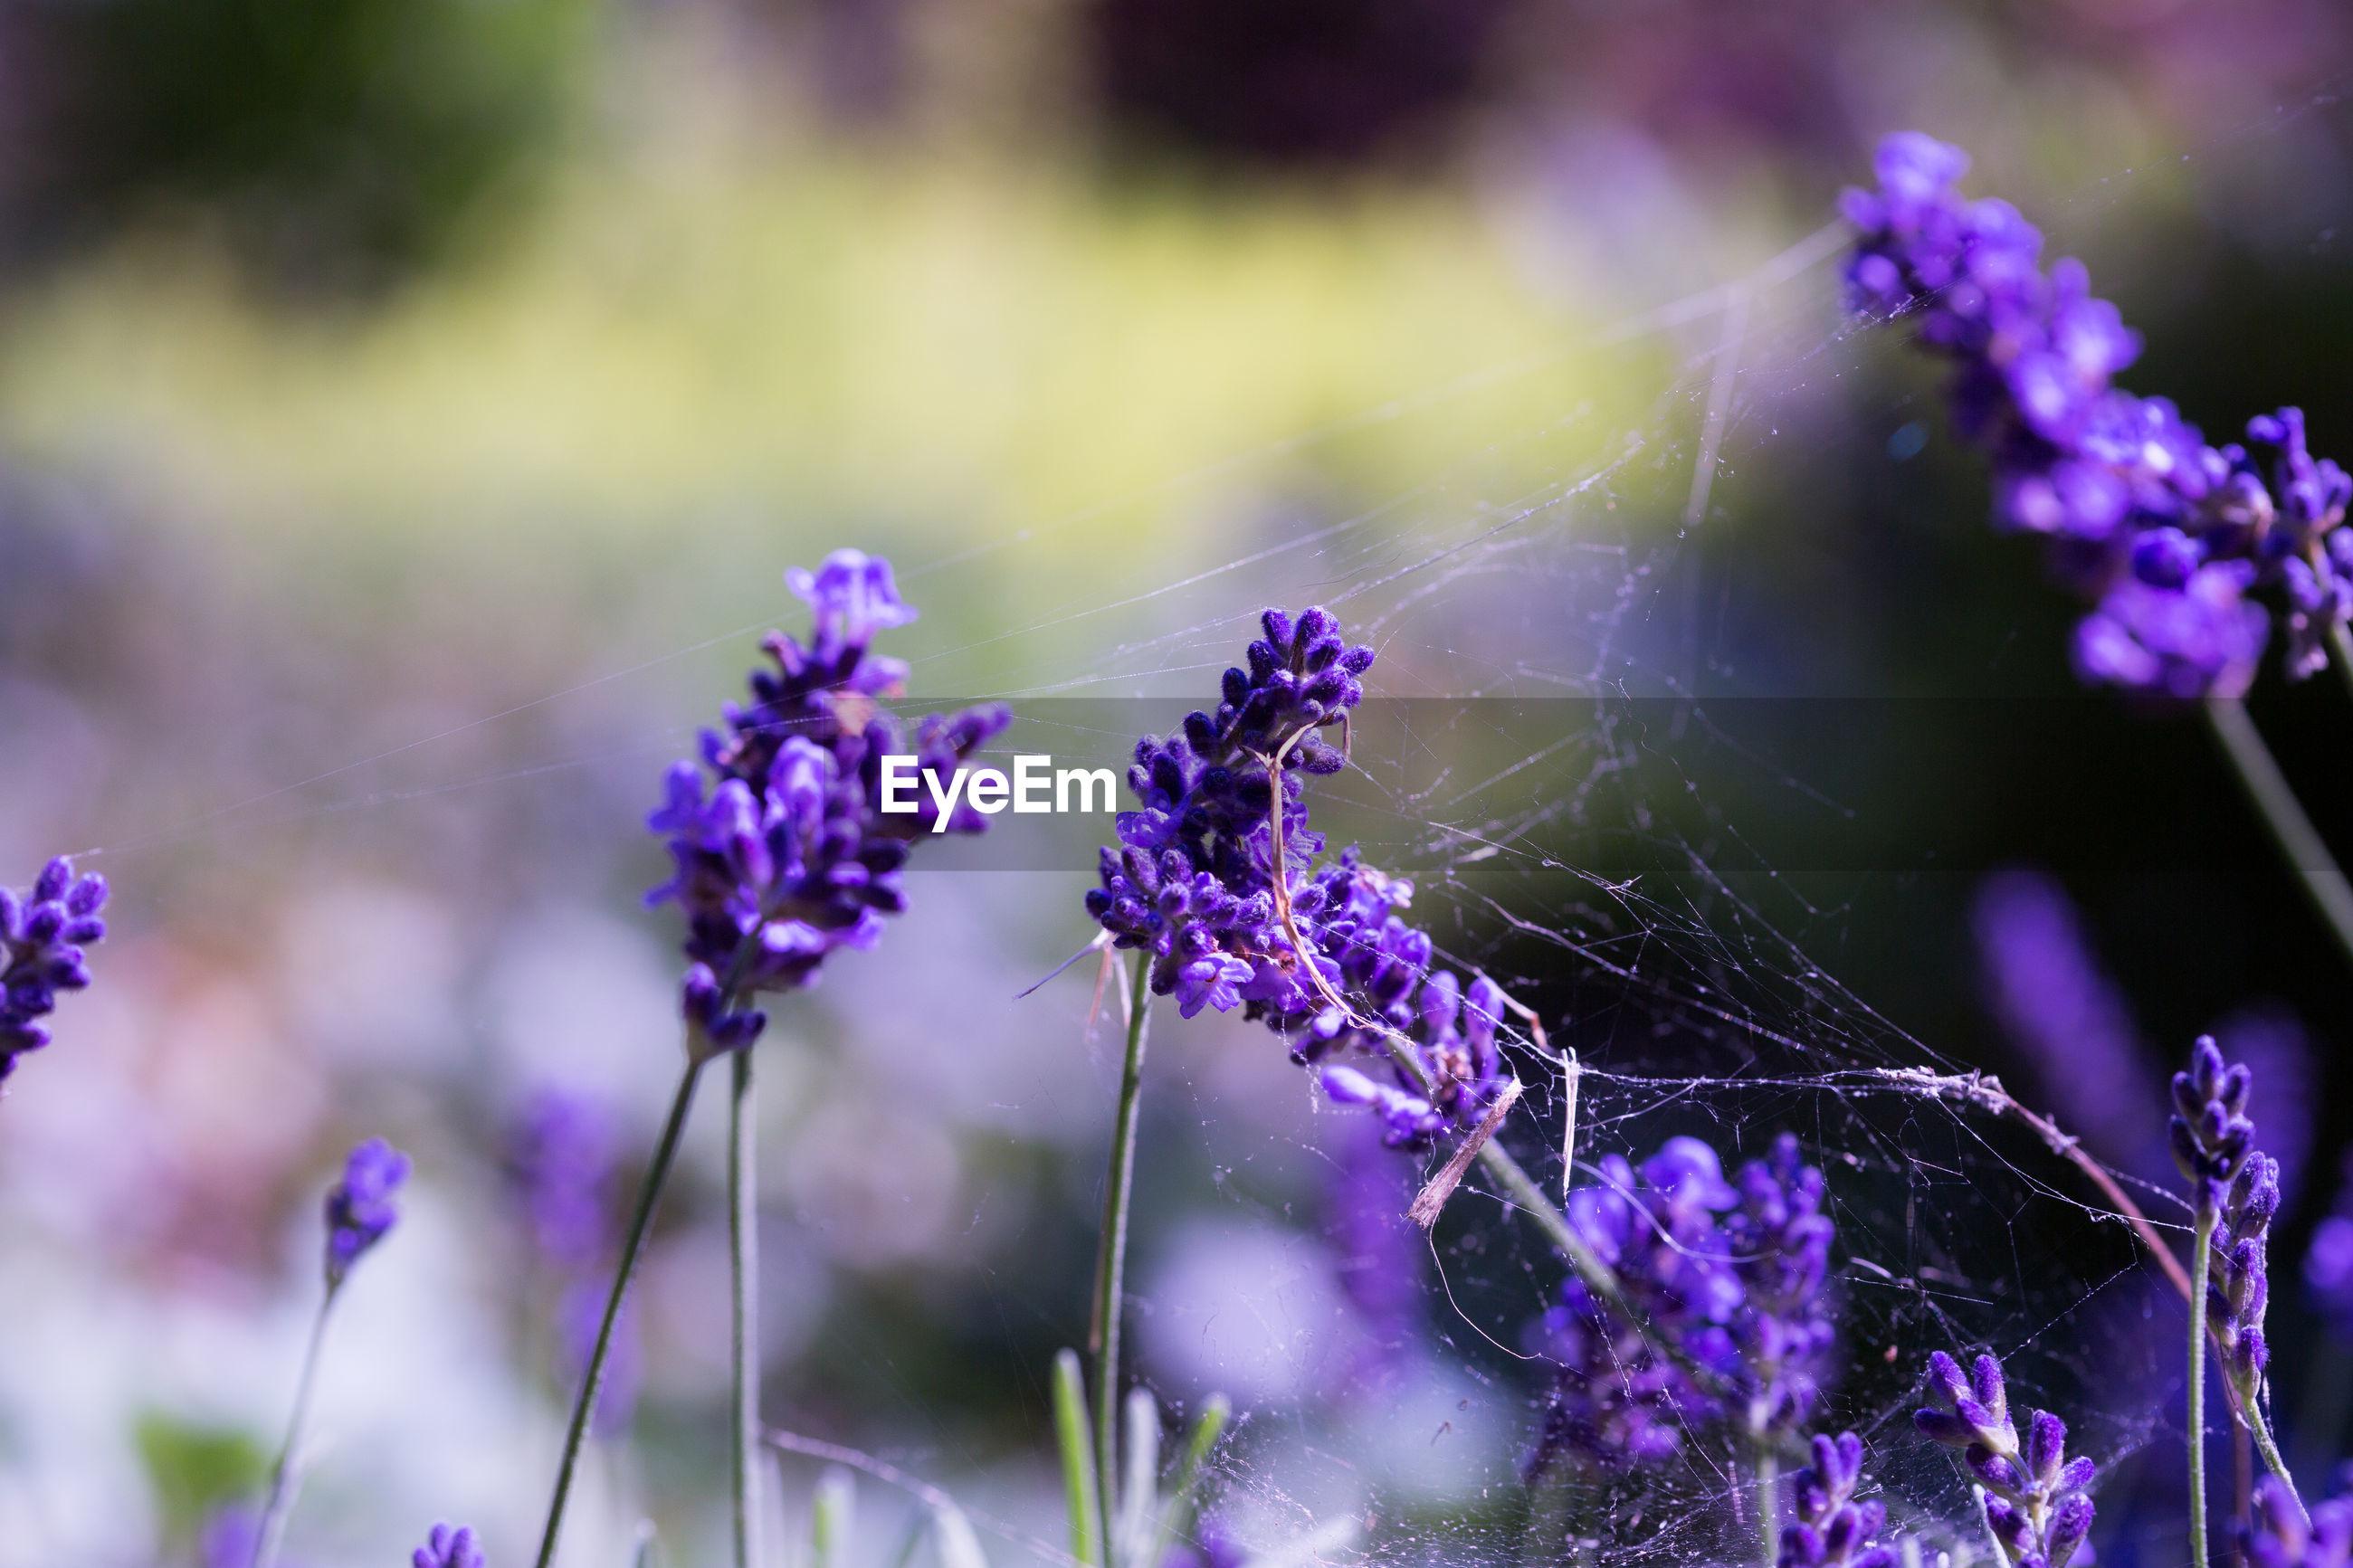 Spider web on purple flower buds